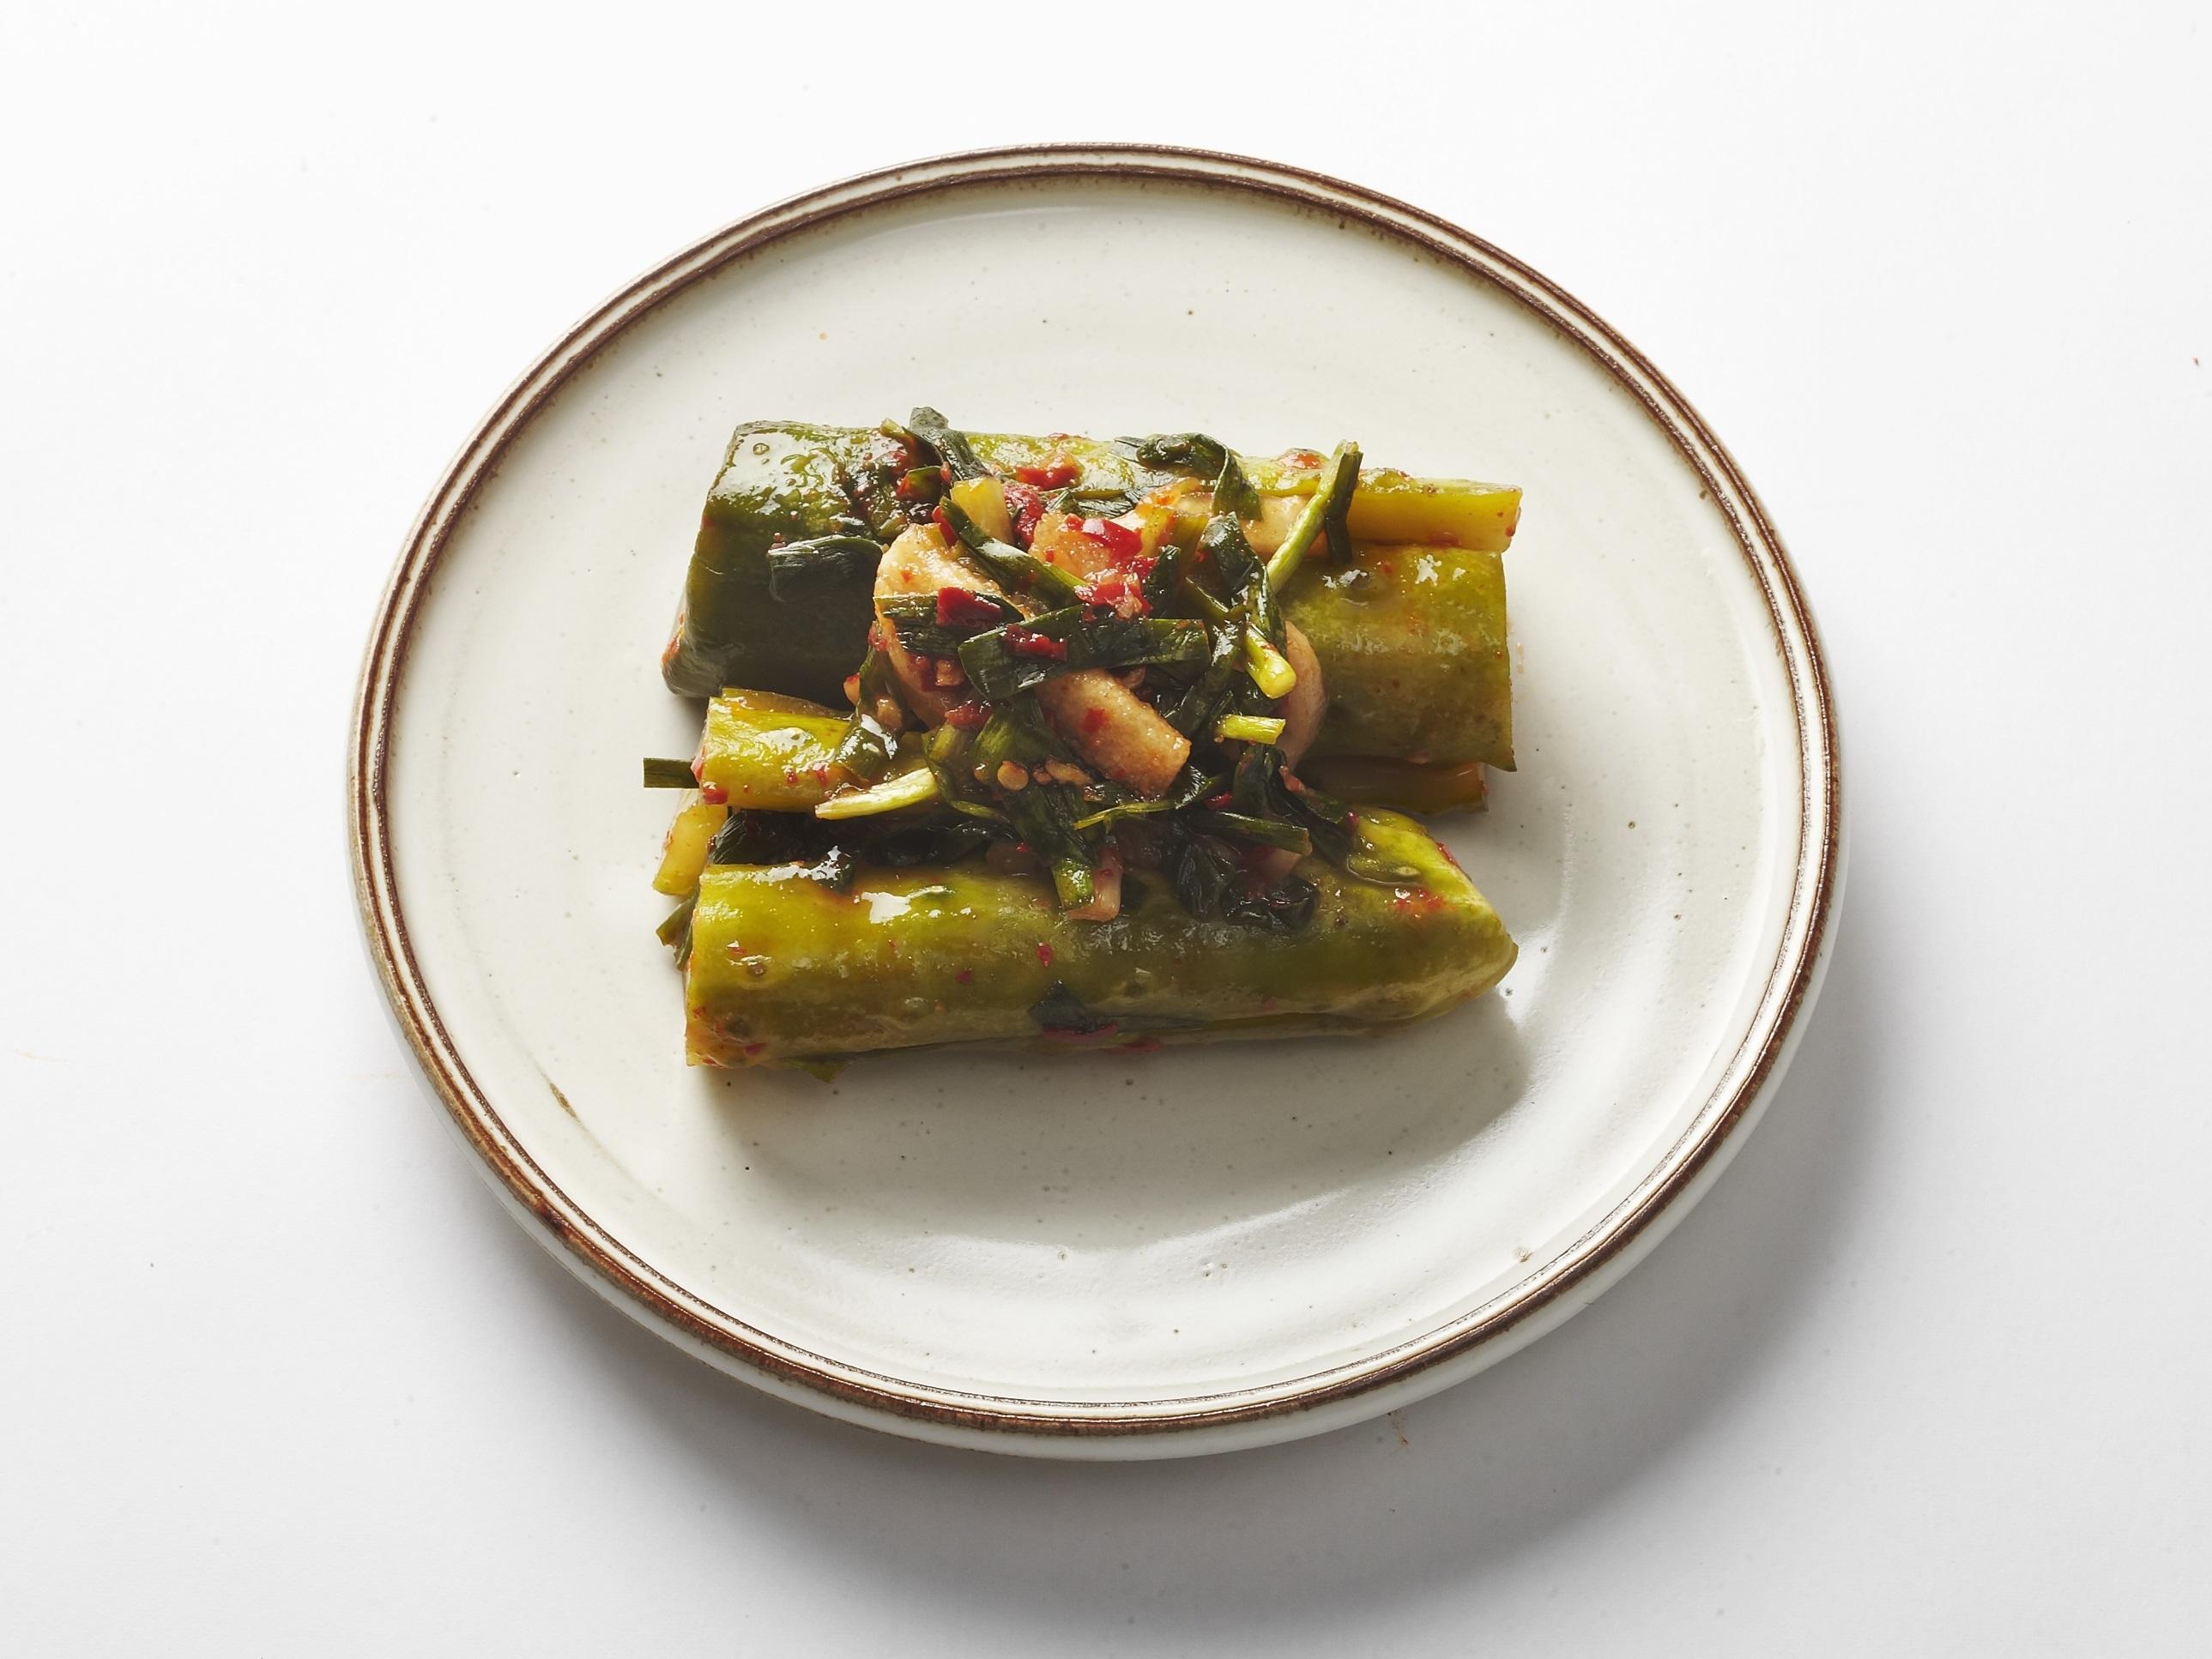 Cucumber kimchi by Jingogae